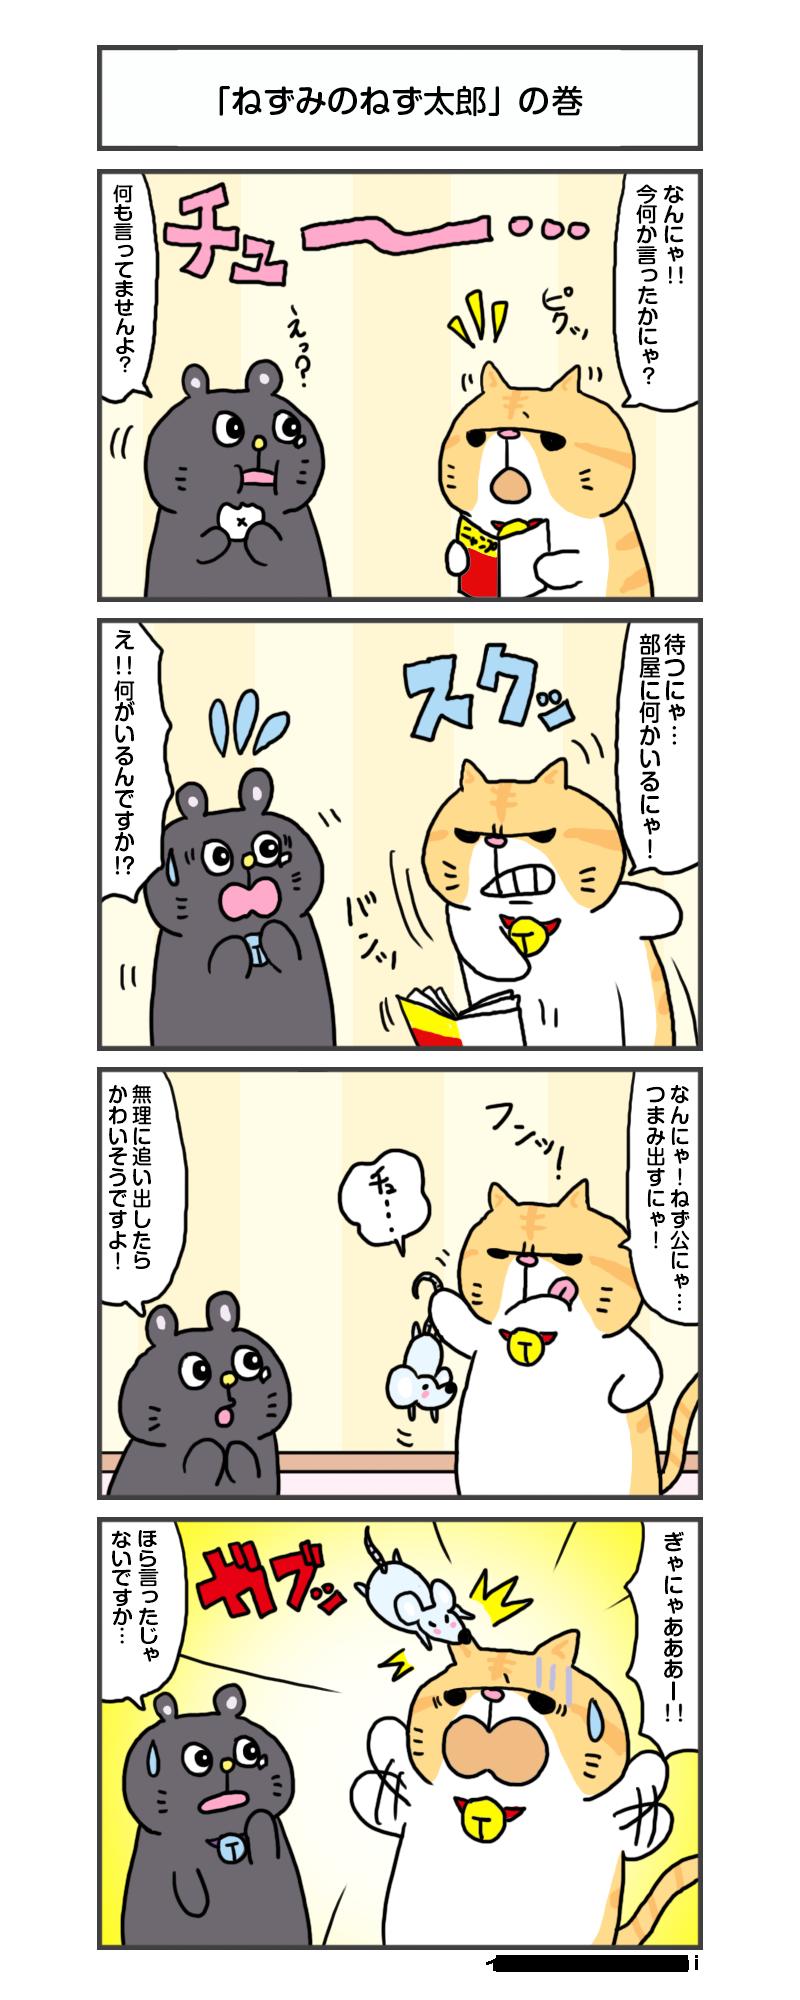 縺医″縺昴y縺・anga_vol.223